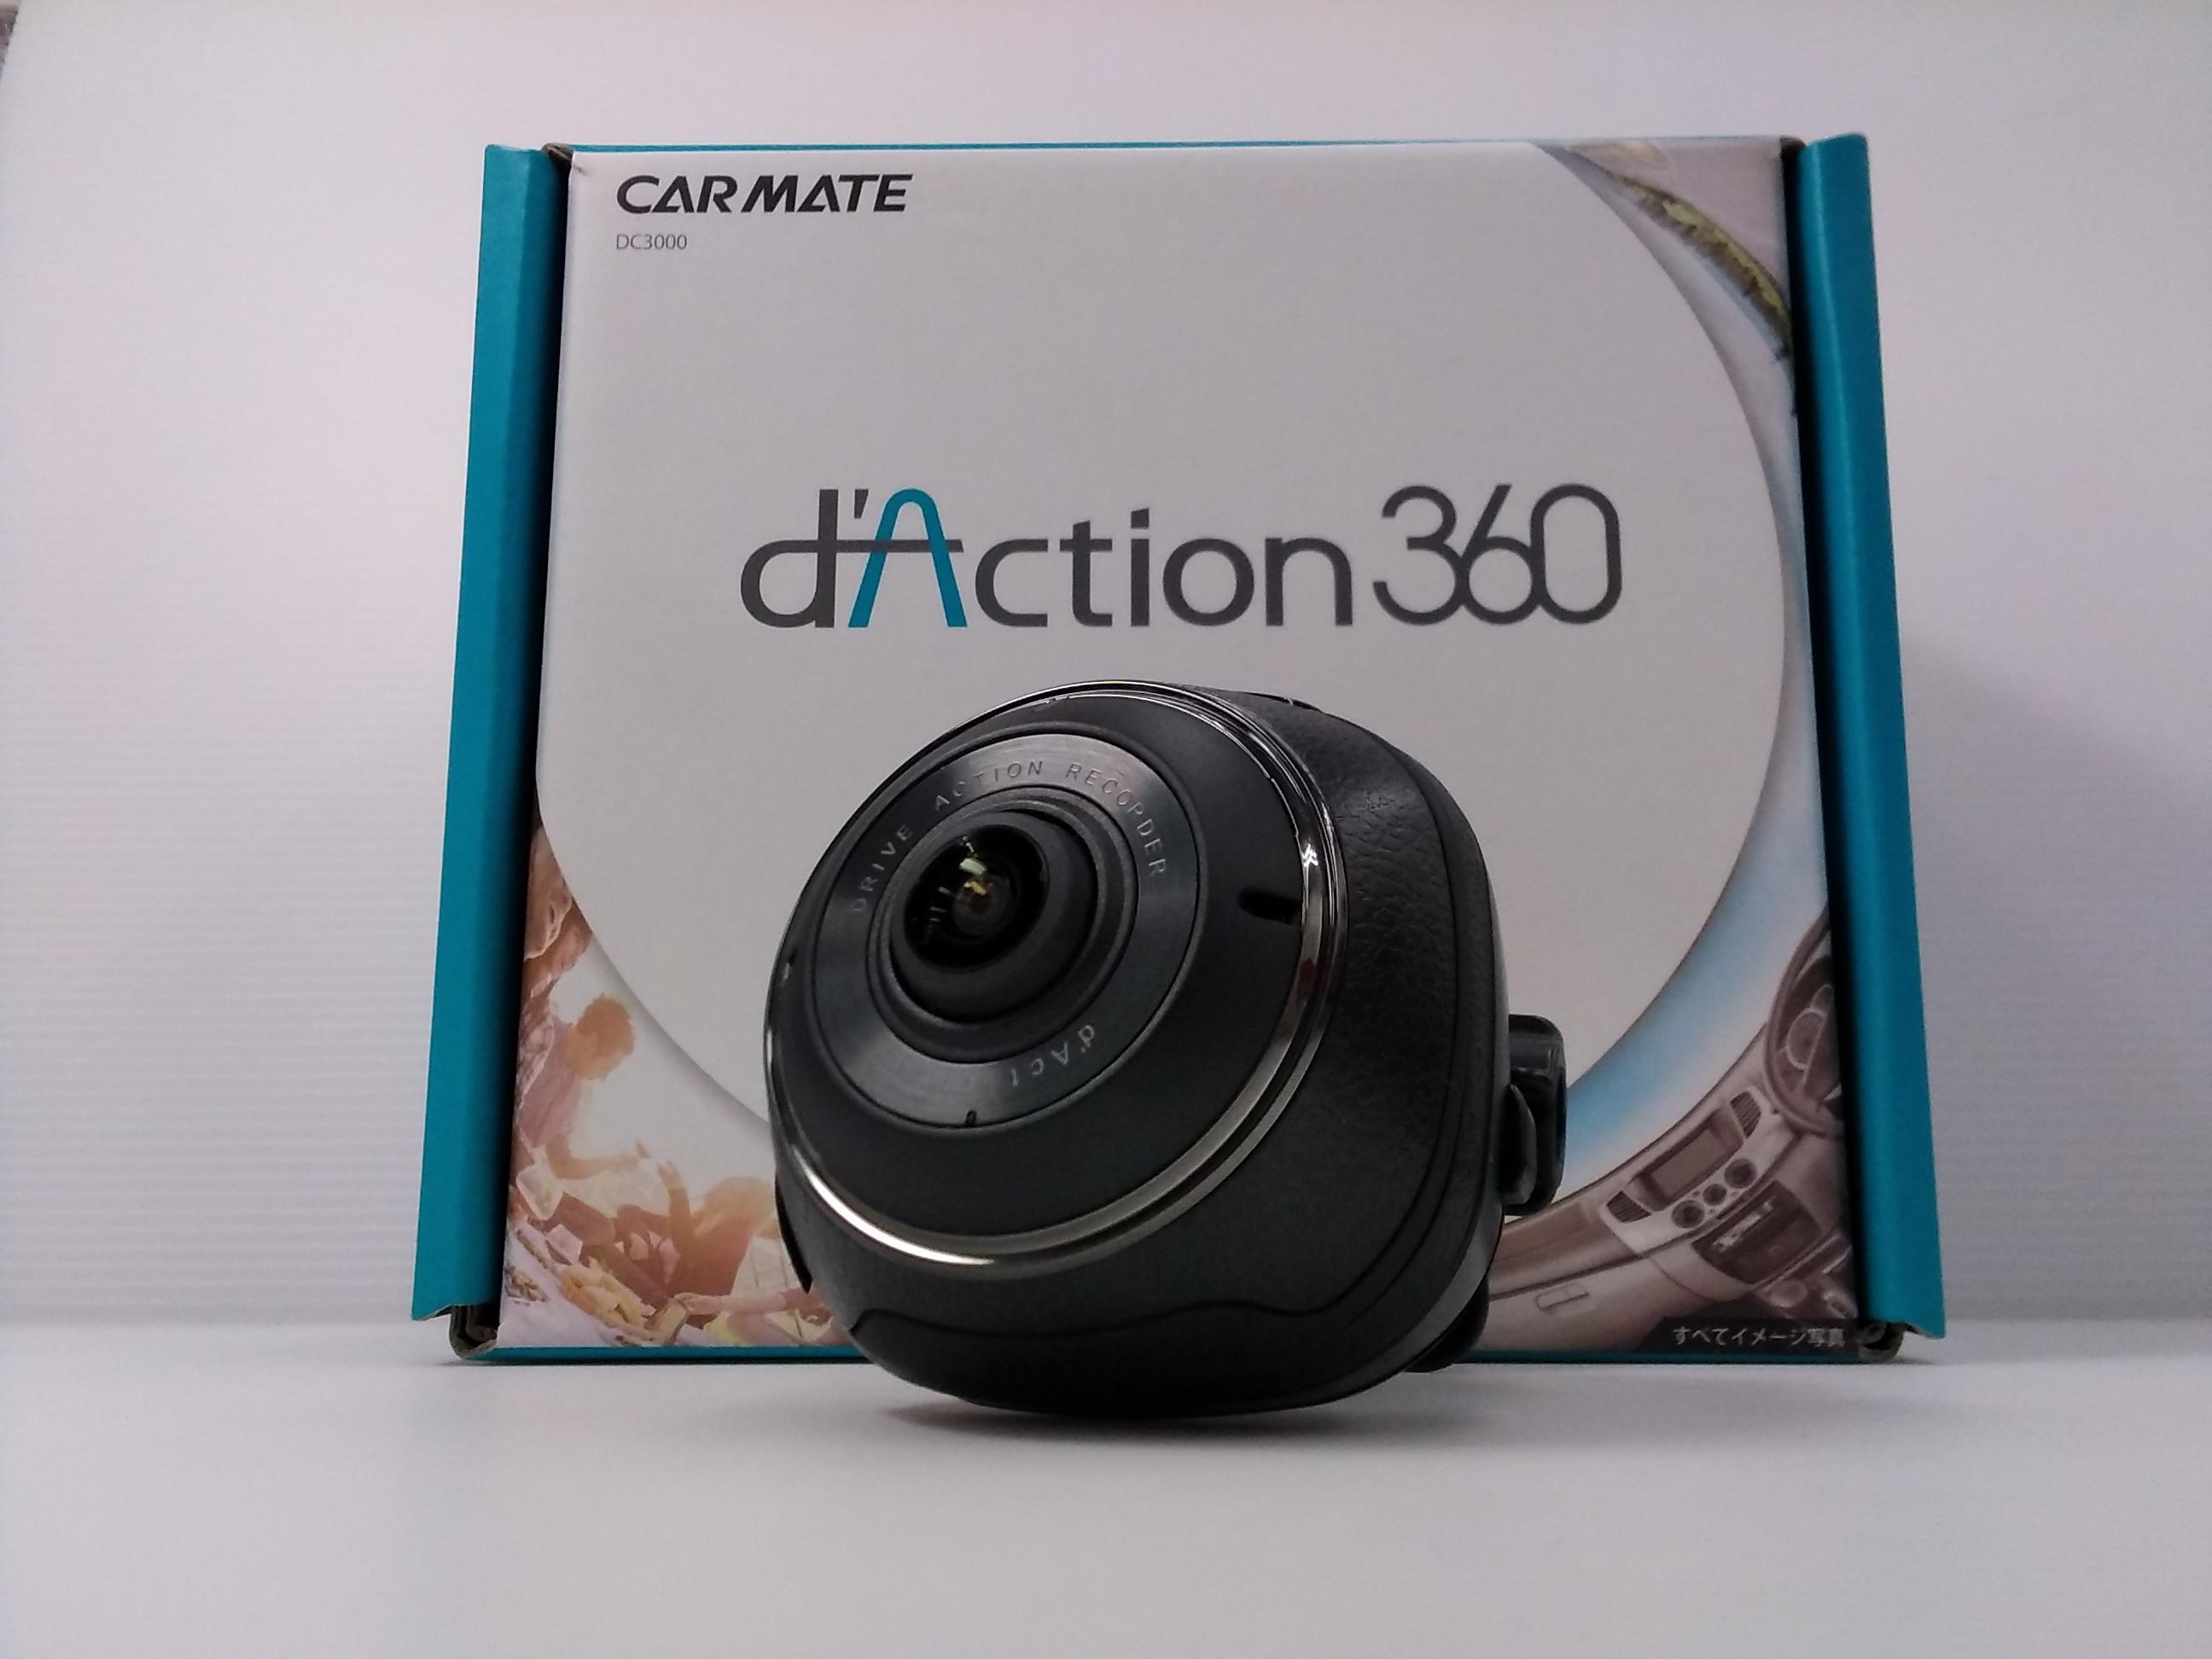 ドライブレコーダー DACTION360|CARMATE